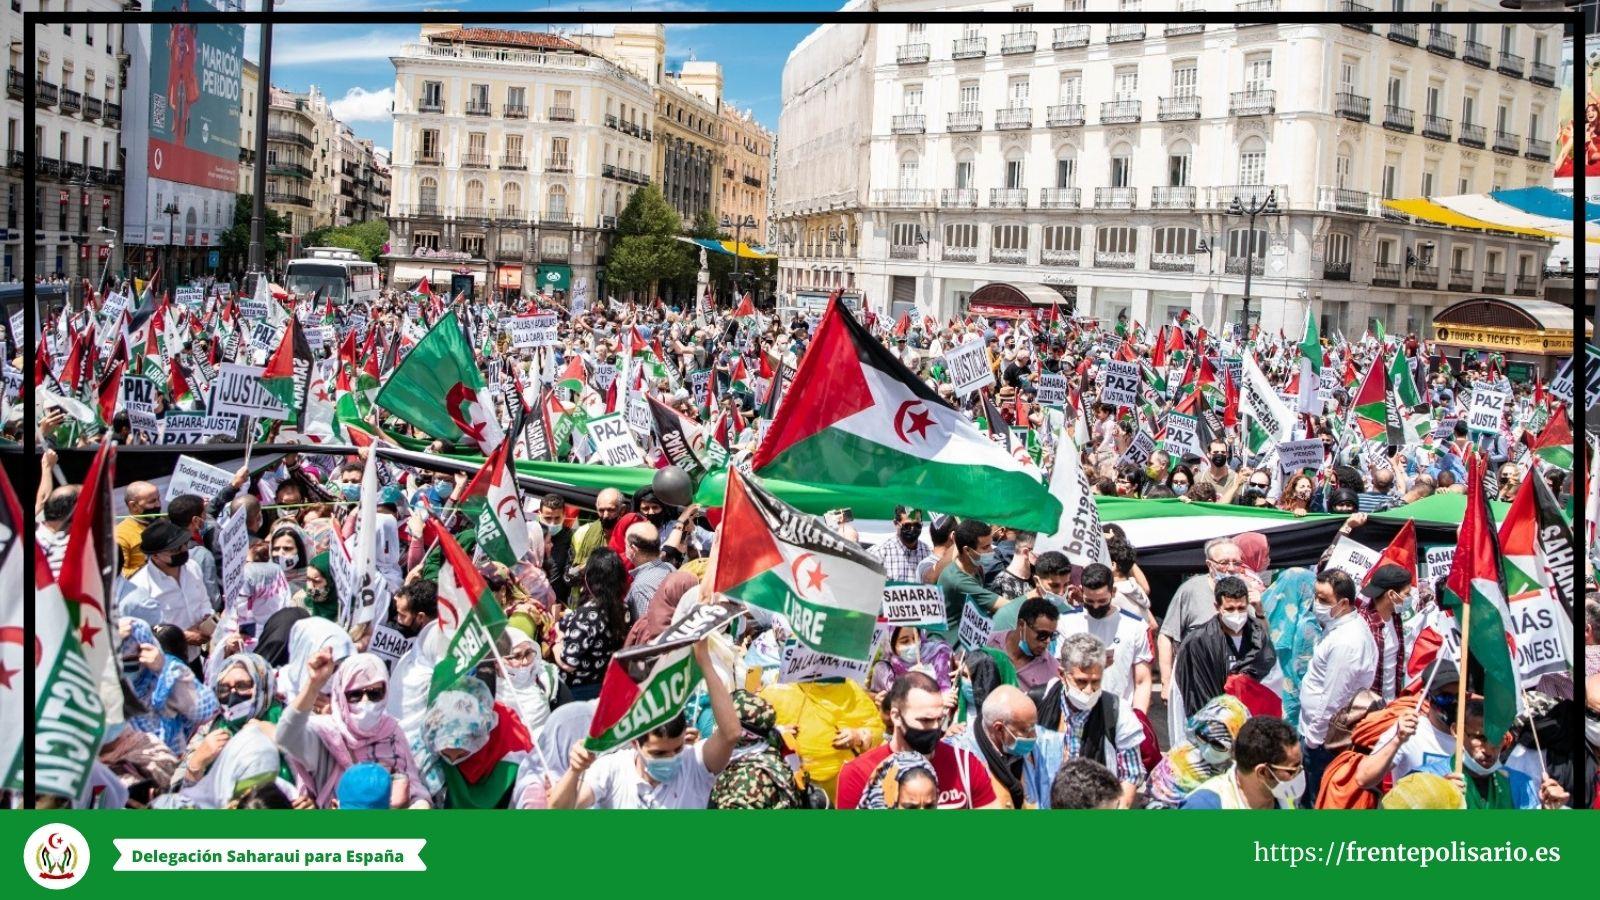 """La histórica marcha por la libertad del pueblo saharaui demuestra """"el hartazgo"""" ante la injusticia en el Sahara Occidental"""